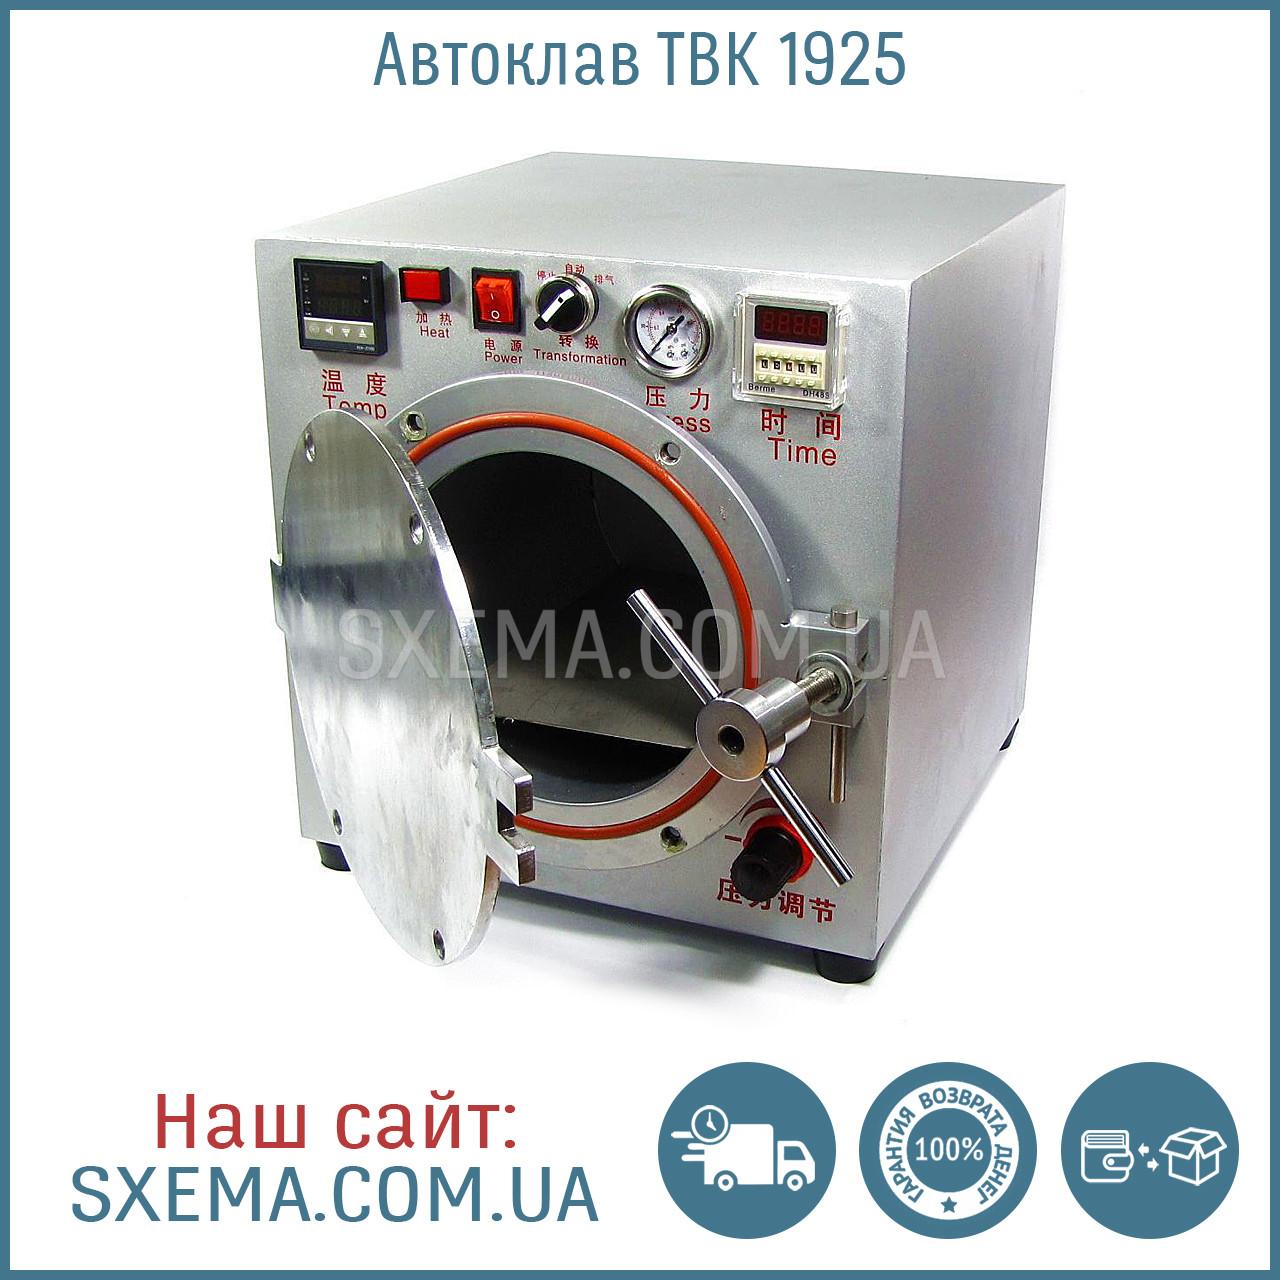 Автоклав TBK 1925 (диаметр и глубина камеры 19 х 25 см)